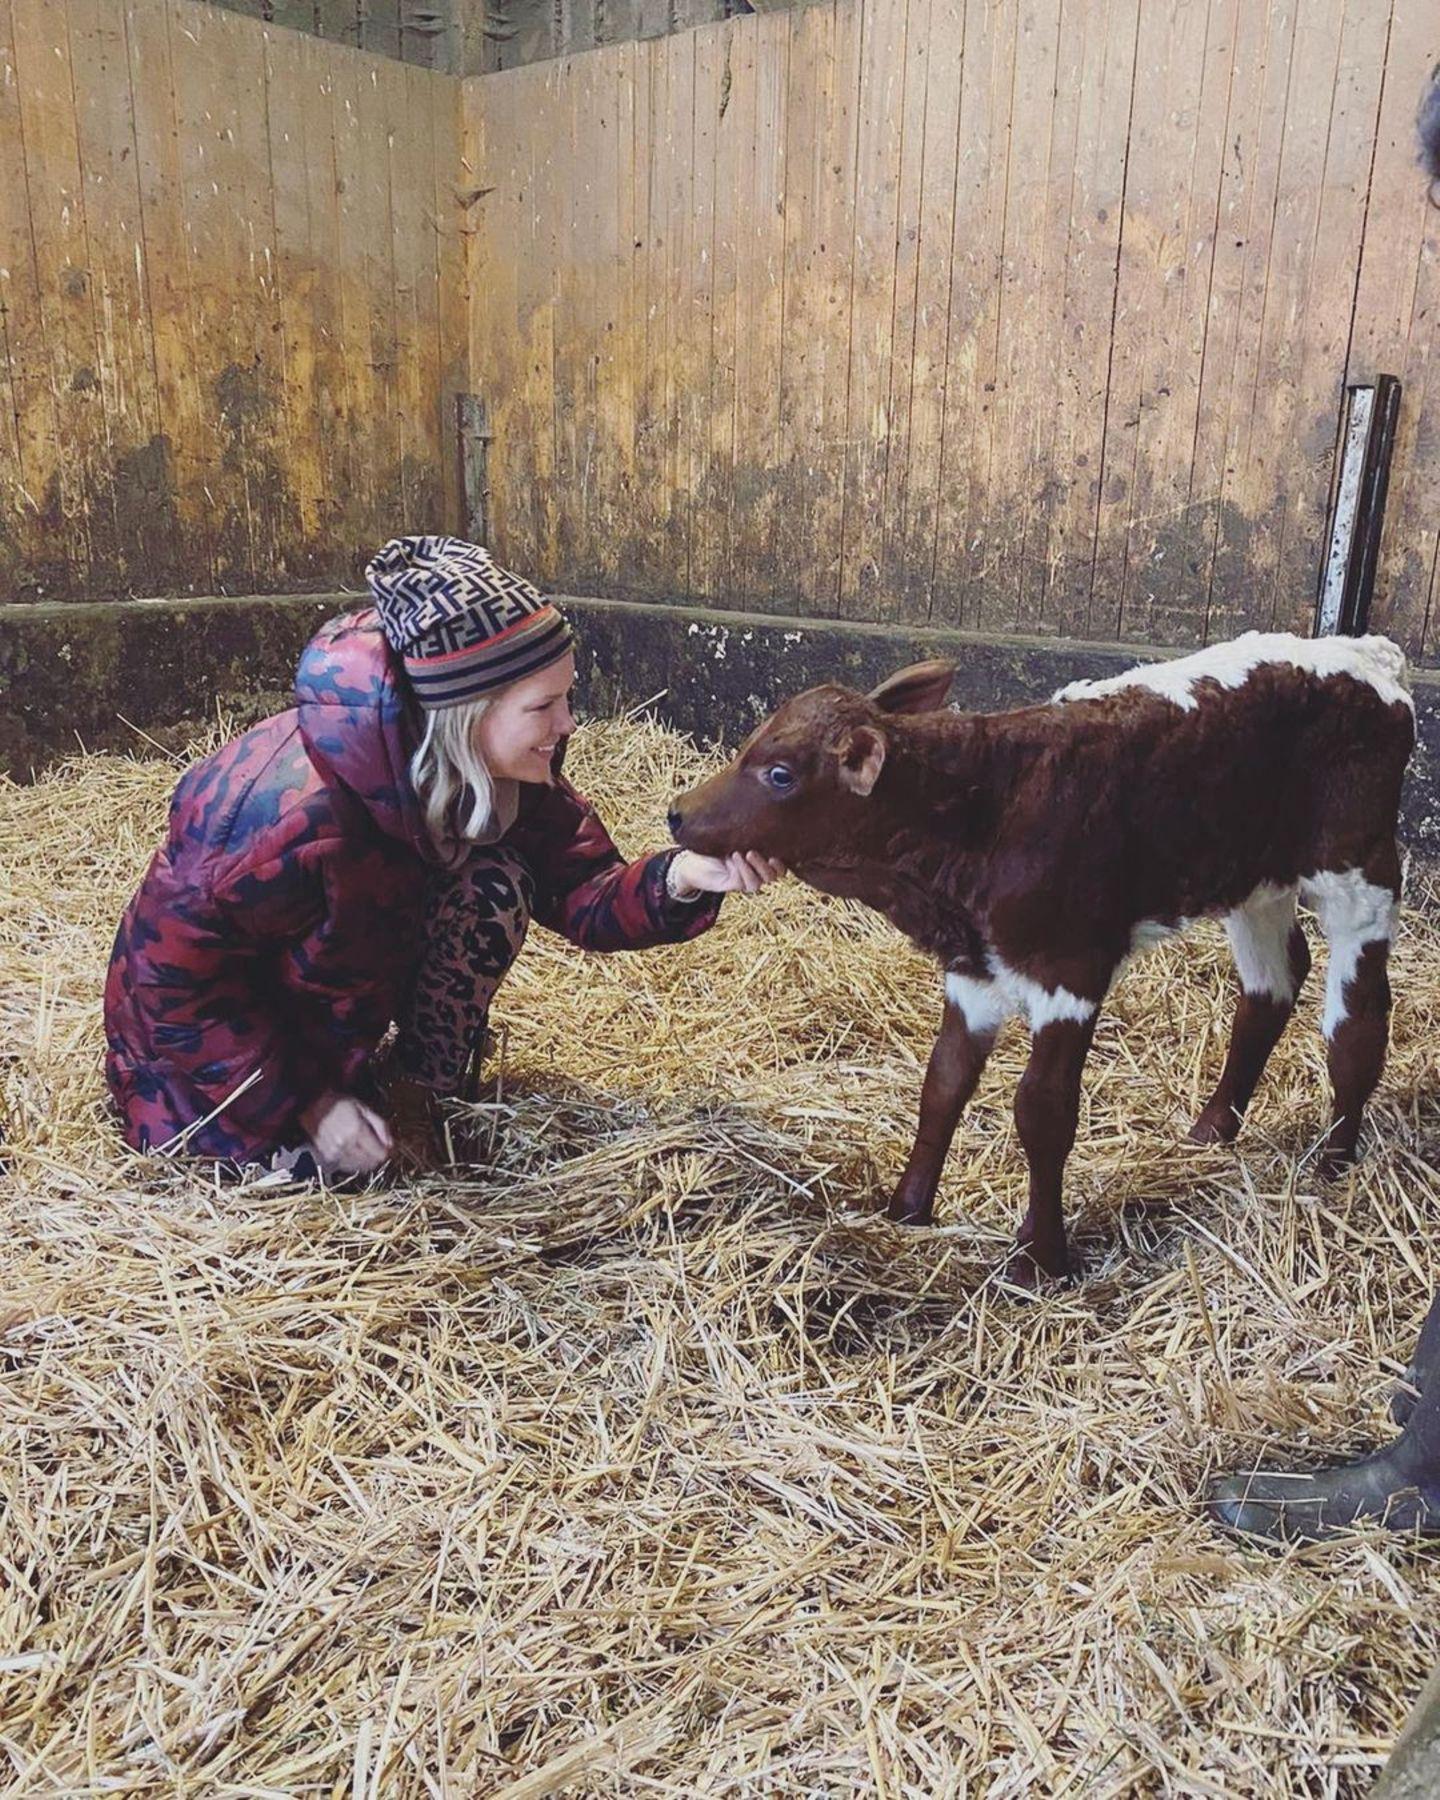 Mit der Familie geht es für Monica Meier-Ivancan auf den Bauernhof. Dort stehen Kuscheleinheiten mit diesem niedlichen Kälbchen auf dem Programm.